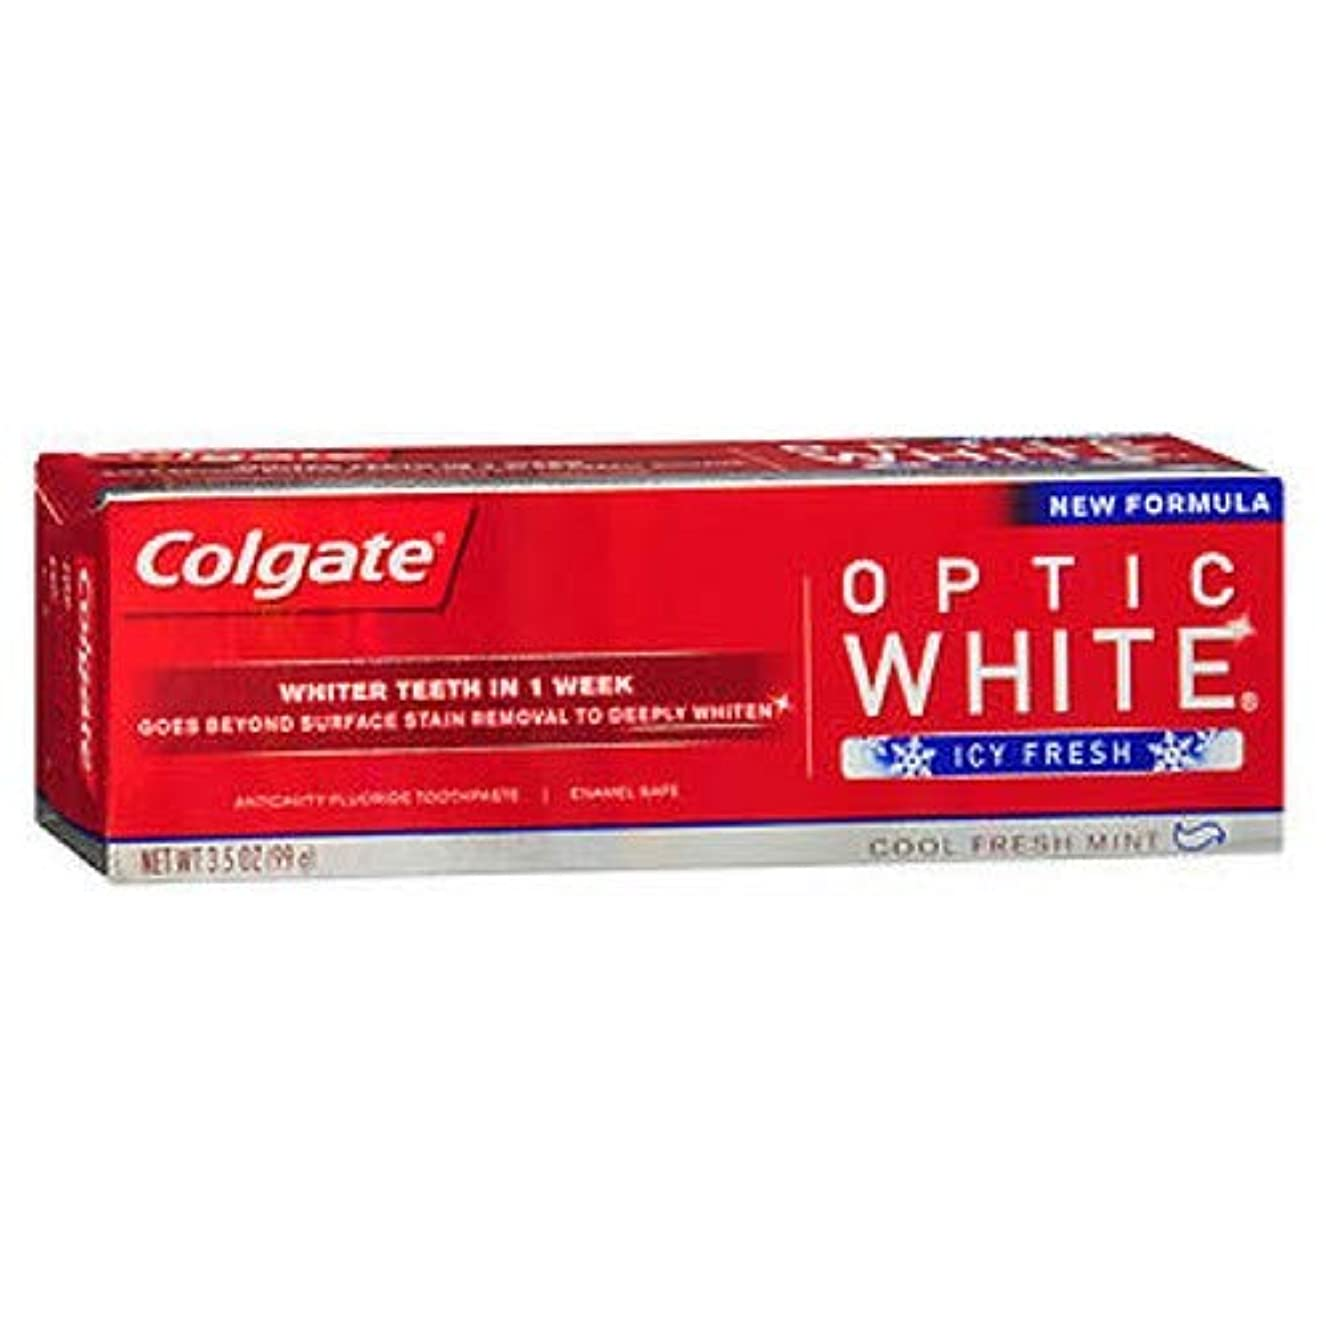 依存文字離婚Colgate Optic White コルゲート Icy Fresh アドバンス ホワイトニング 99g